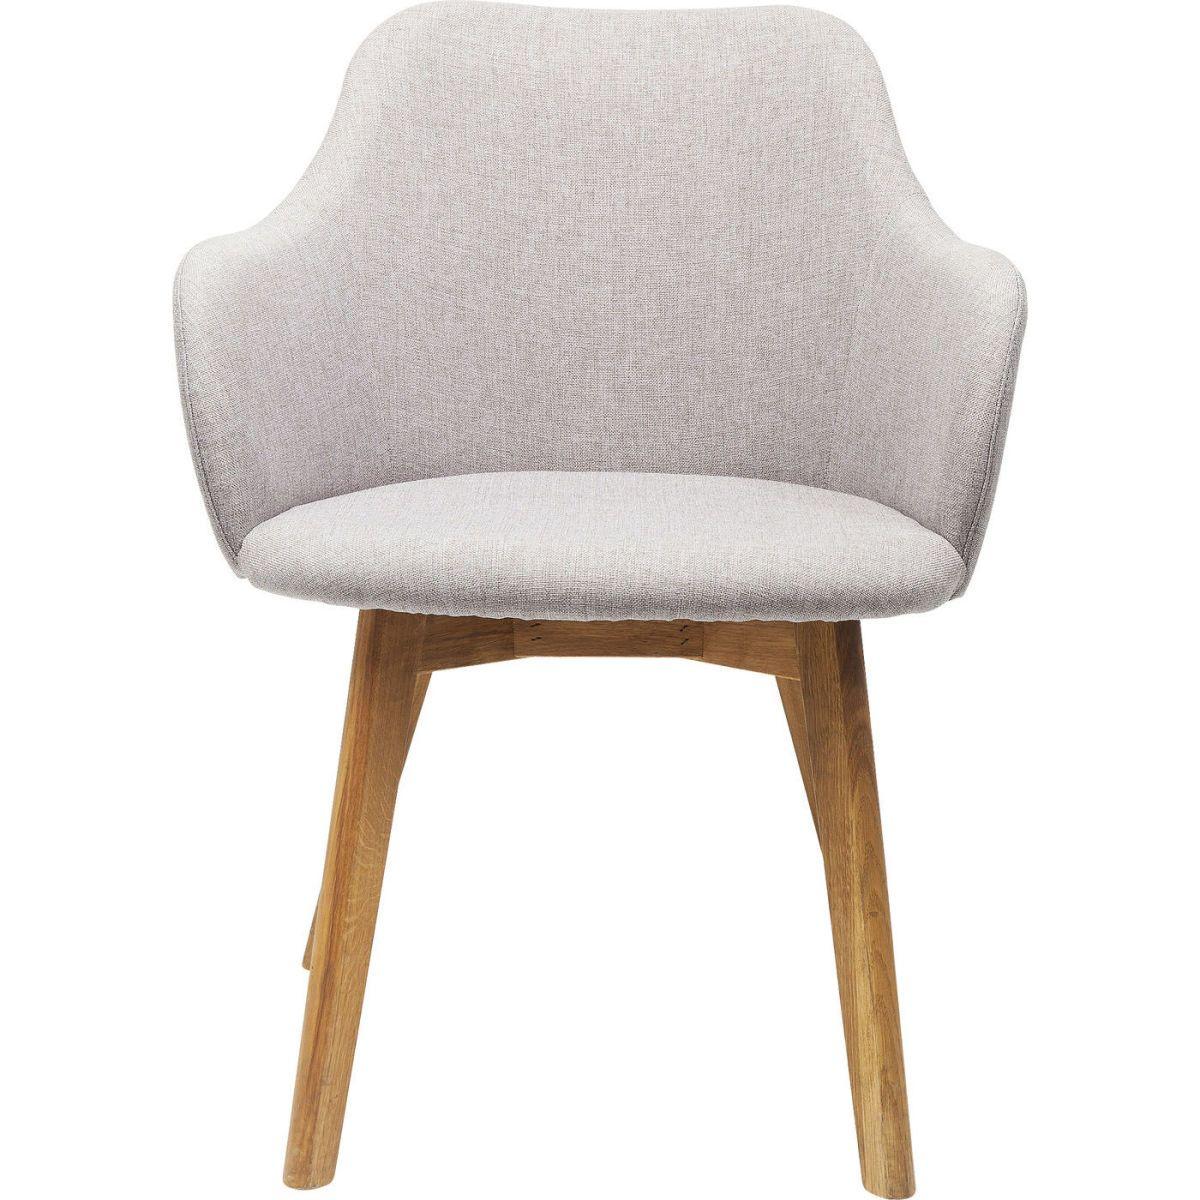 Bezaubernd Armlehnstuhl Grau Referenz Von Lady | Küche Und Esszimmer > Stühle